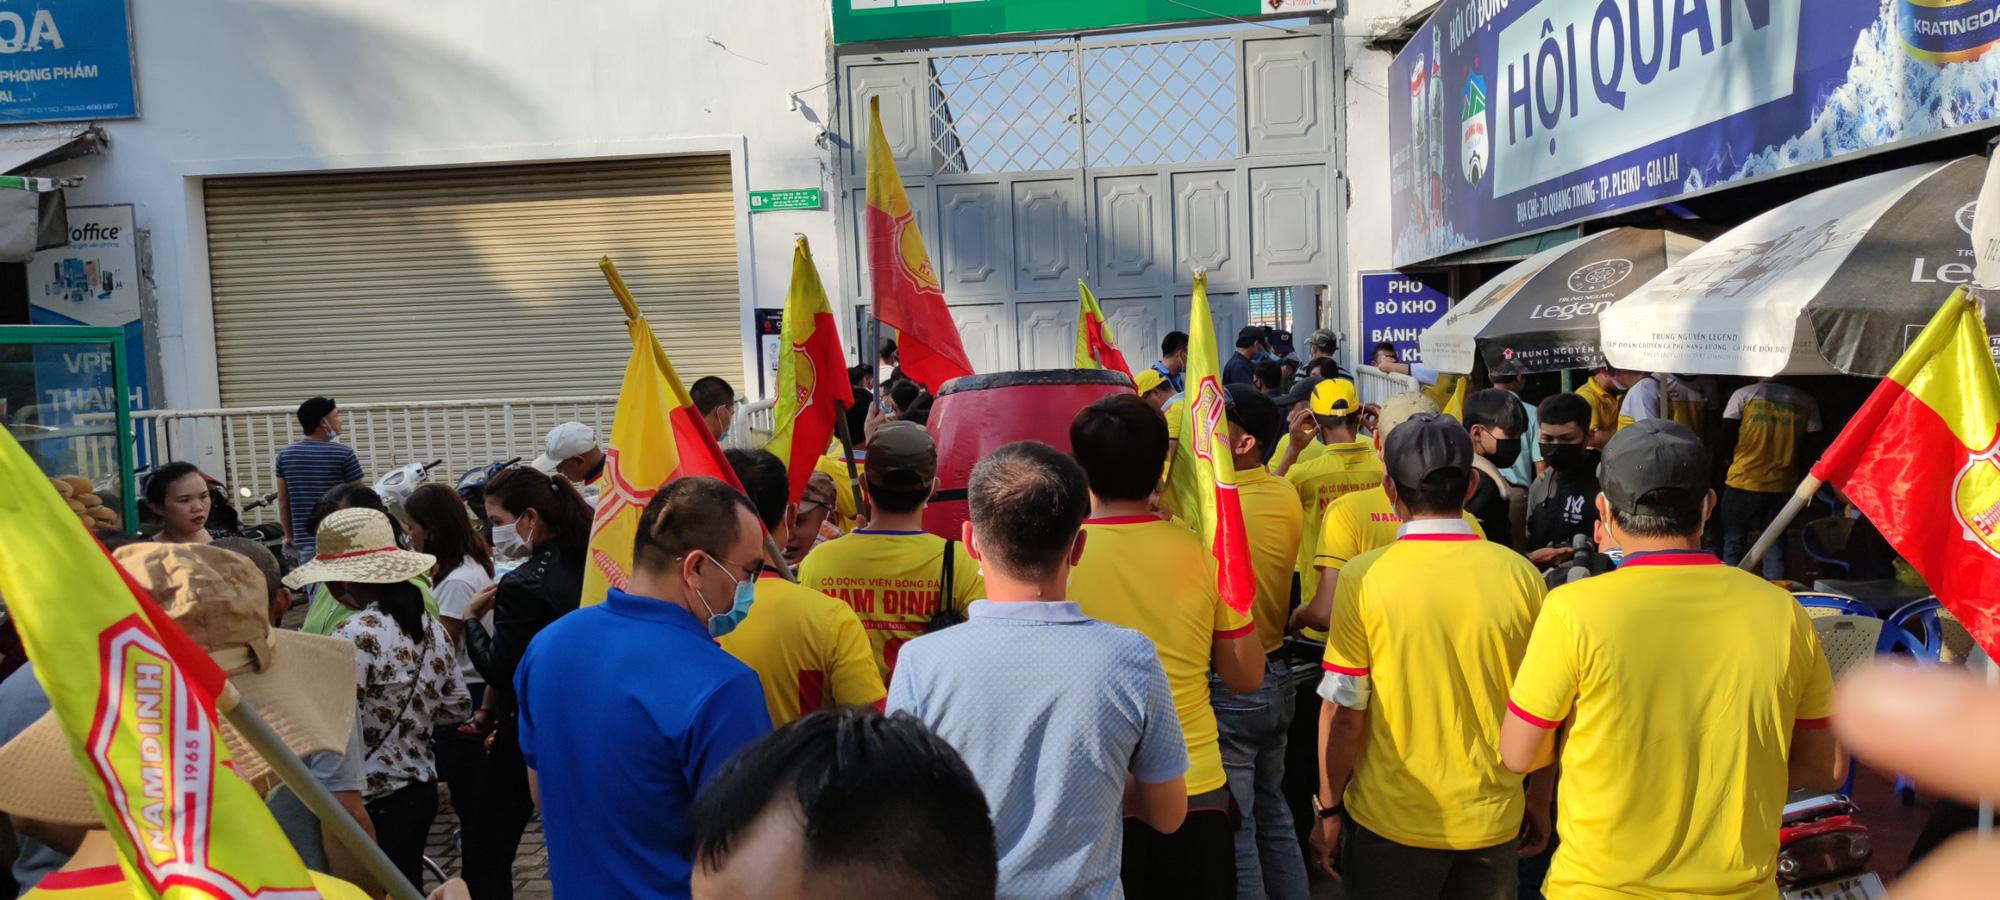 CĐV Nam Định đốt pháo sáng, không cần vé vẫn được vào sân HAGL - Ảnh 8.